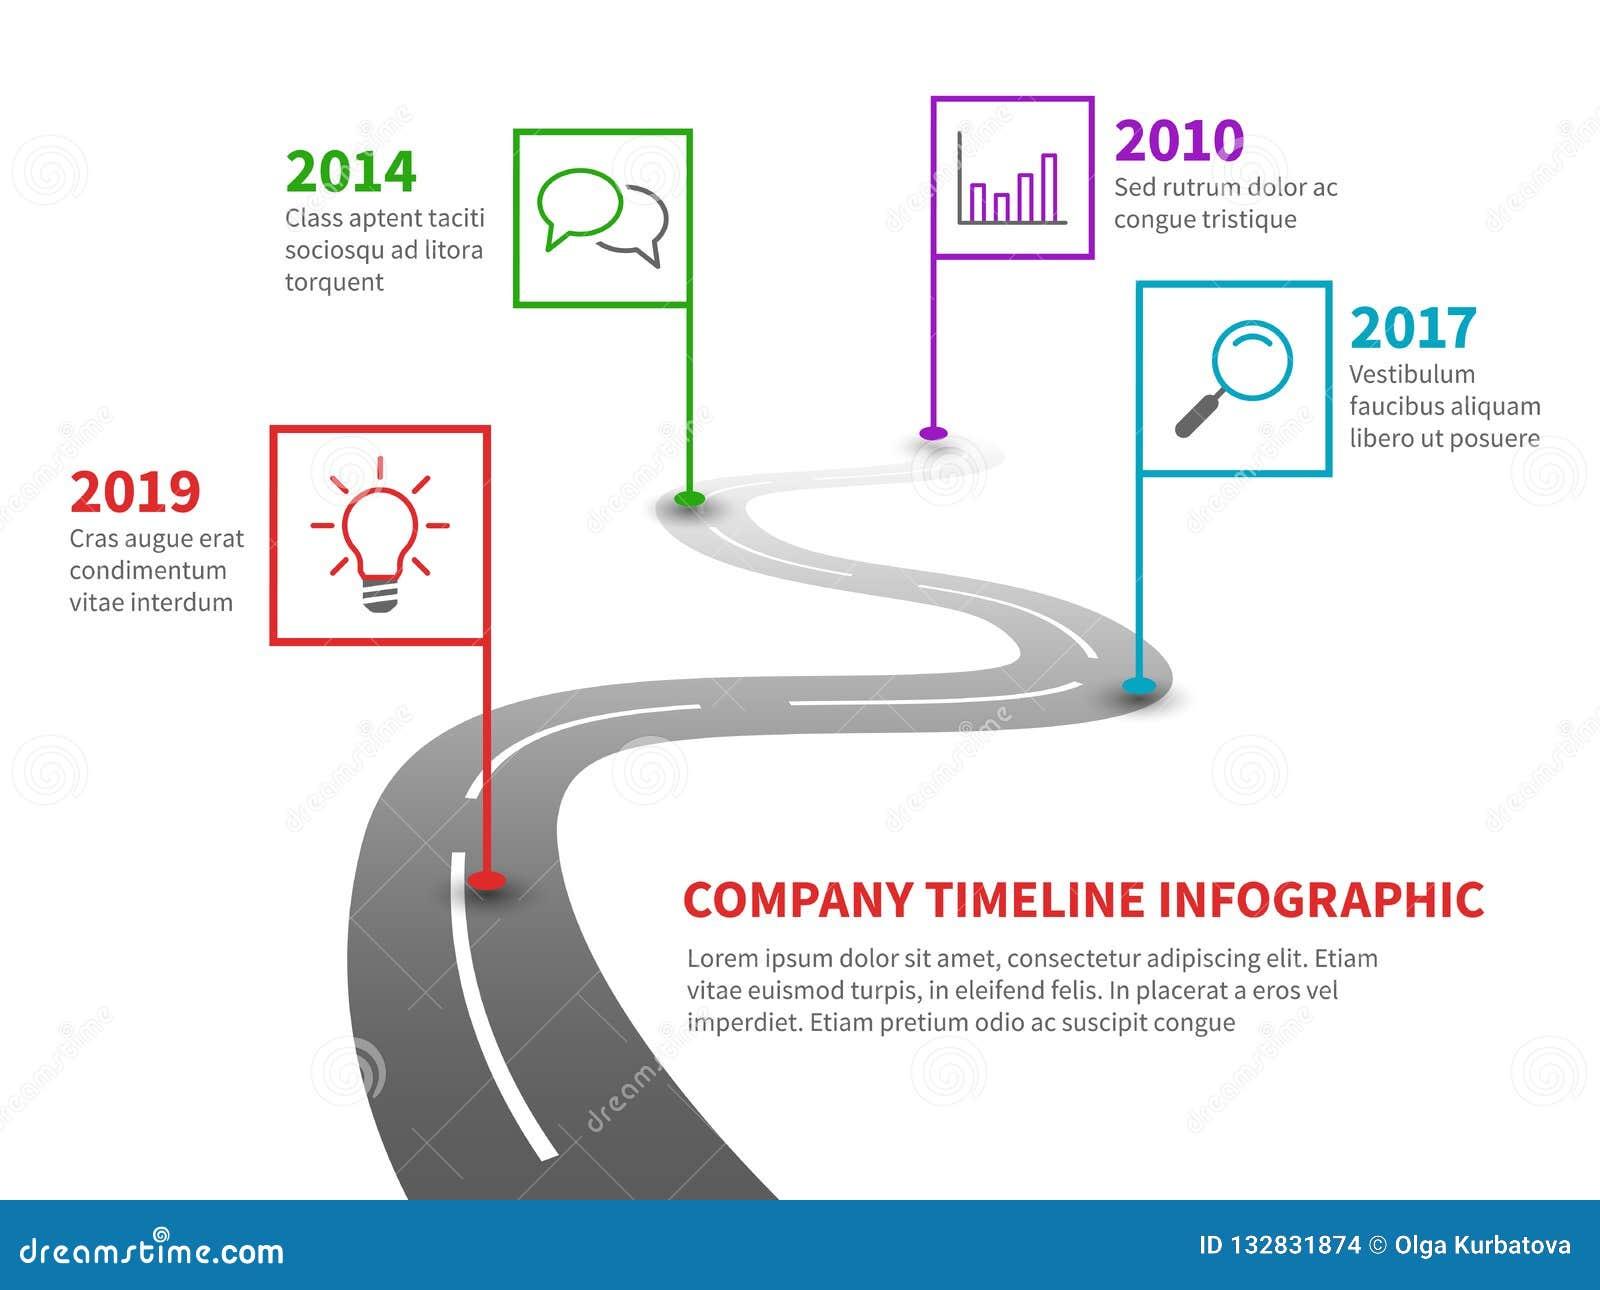 Firmenzeitachse Meilensteinstraße mit Zeigern, Geschichtsprozeßlinie Diagramm auf dem Wicklungsbahnvektor infographic